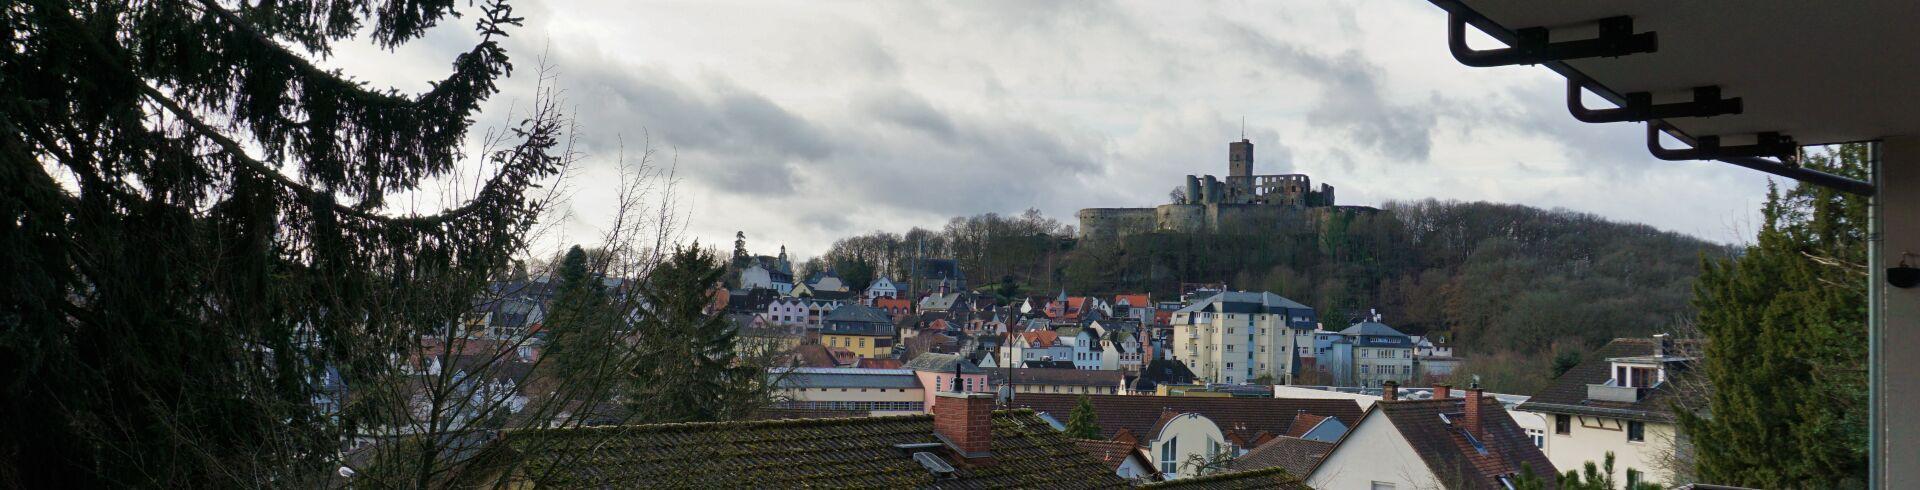 Blick vom Balkon der Außenwohnung in Königstein